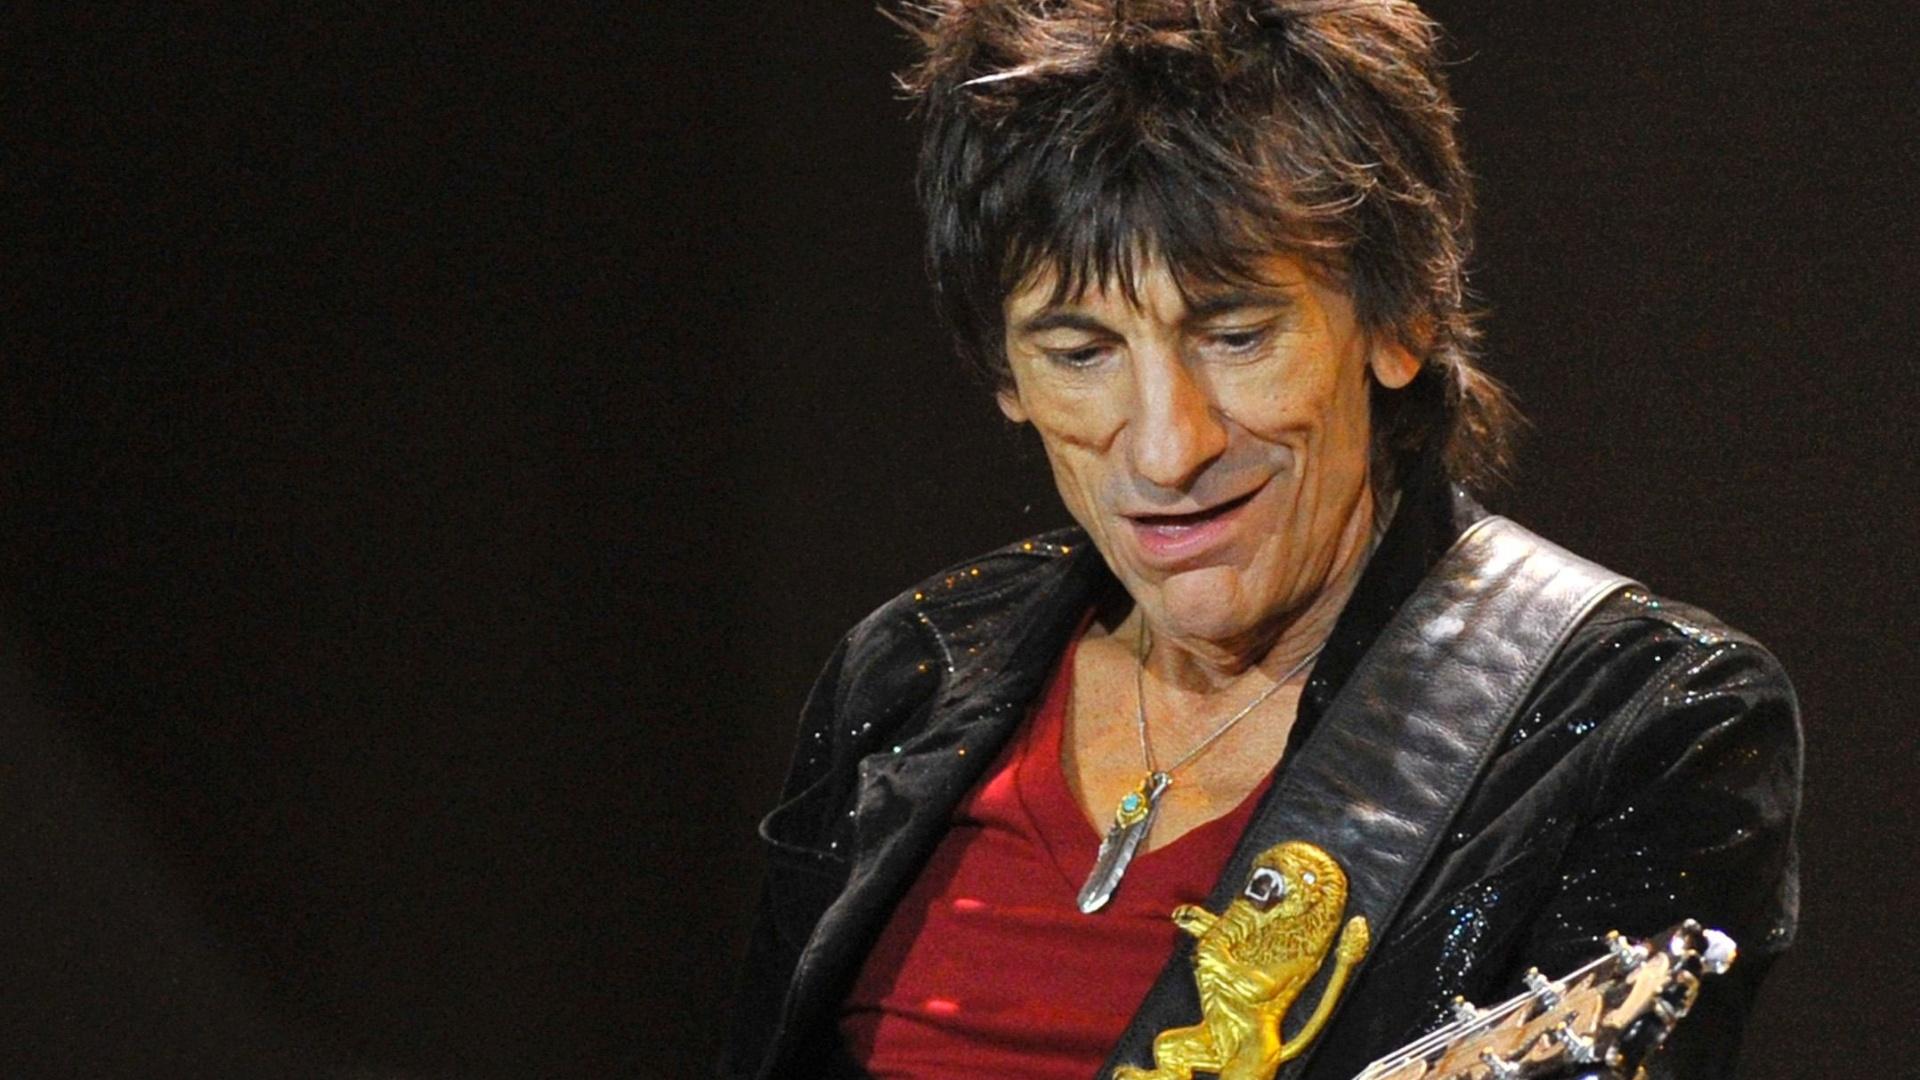 Ronnie Wood se apresenta no primeiro show dos Stones depois de um hiato de 5 anos (25/11/12)